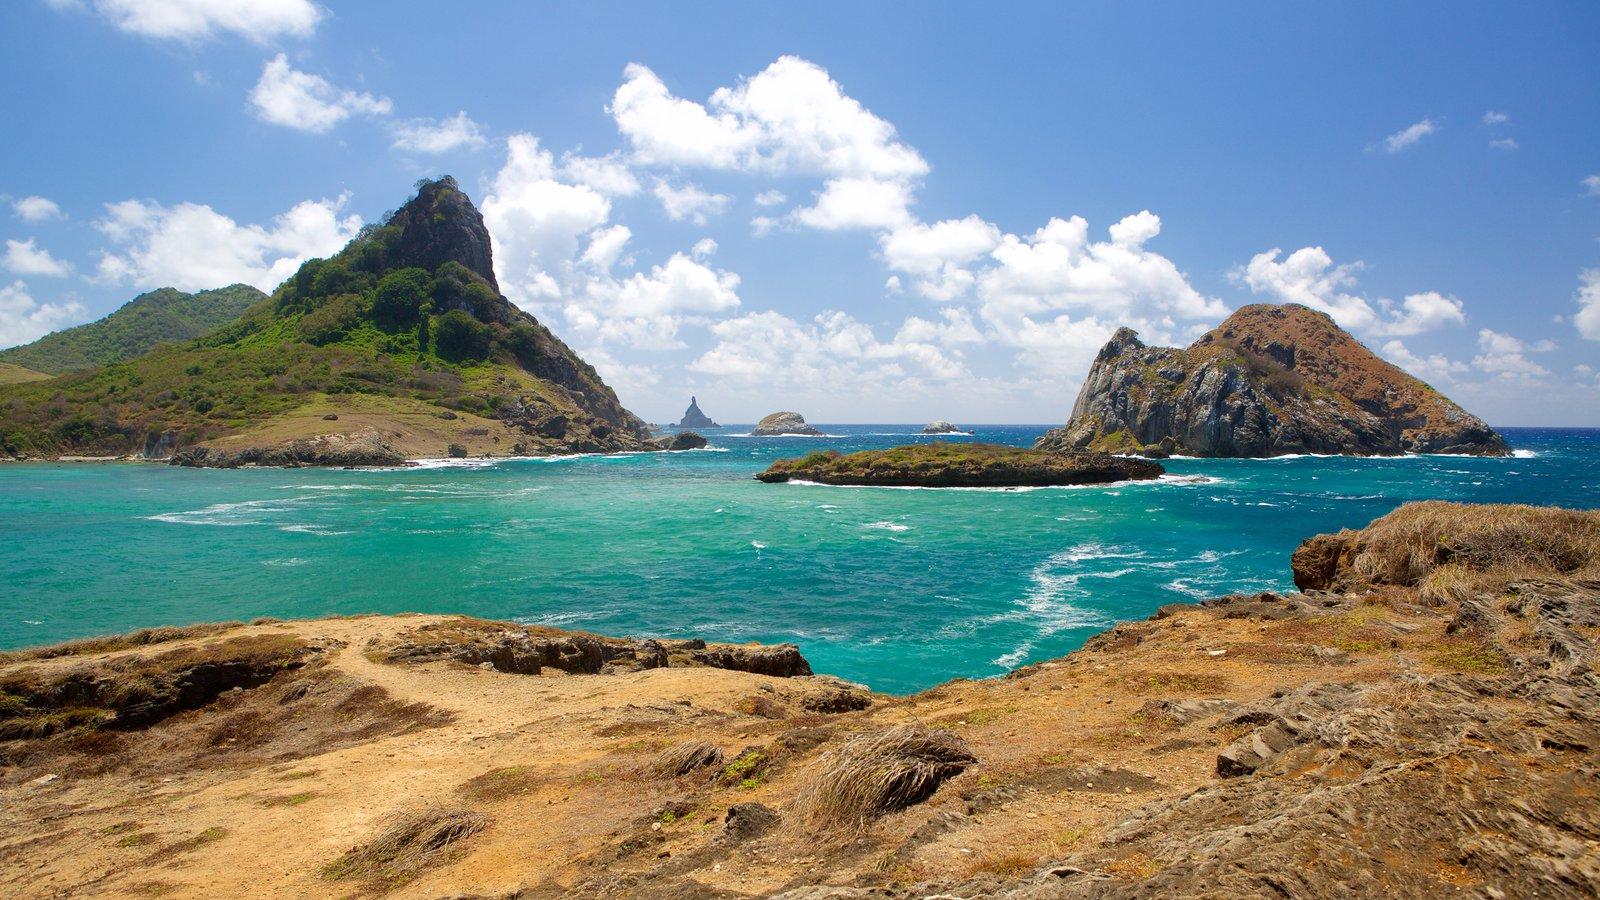 Fernando de Noronha que inclui montanhas, uma praia e paisagens litorâneas